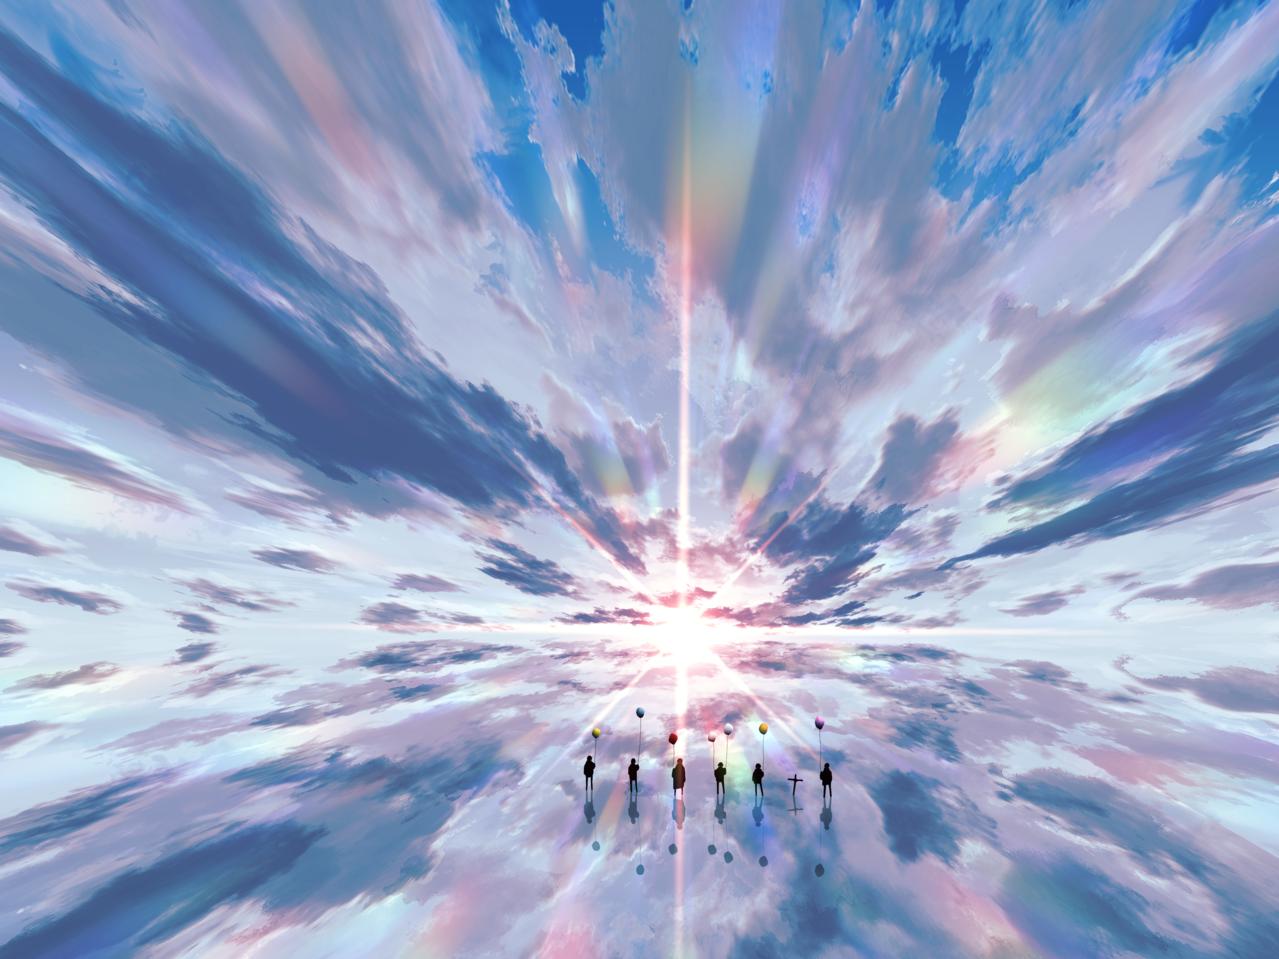 僕らの英雄譚 Illust of faPka scenery illustration background